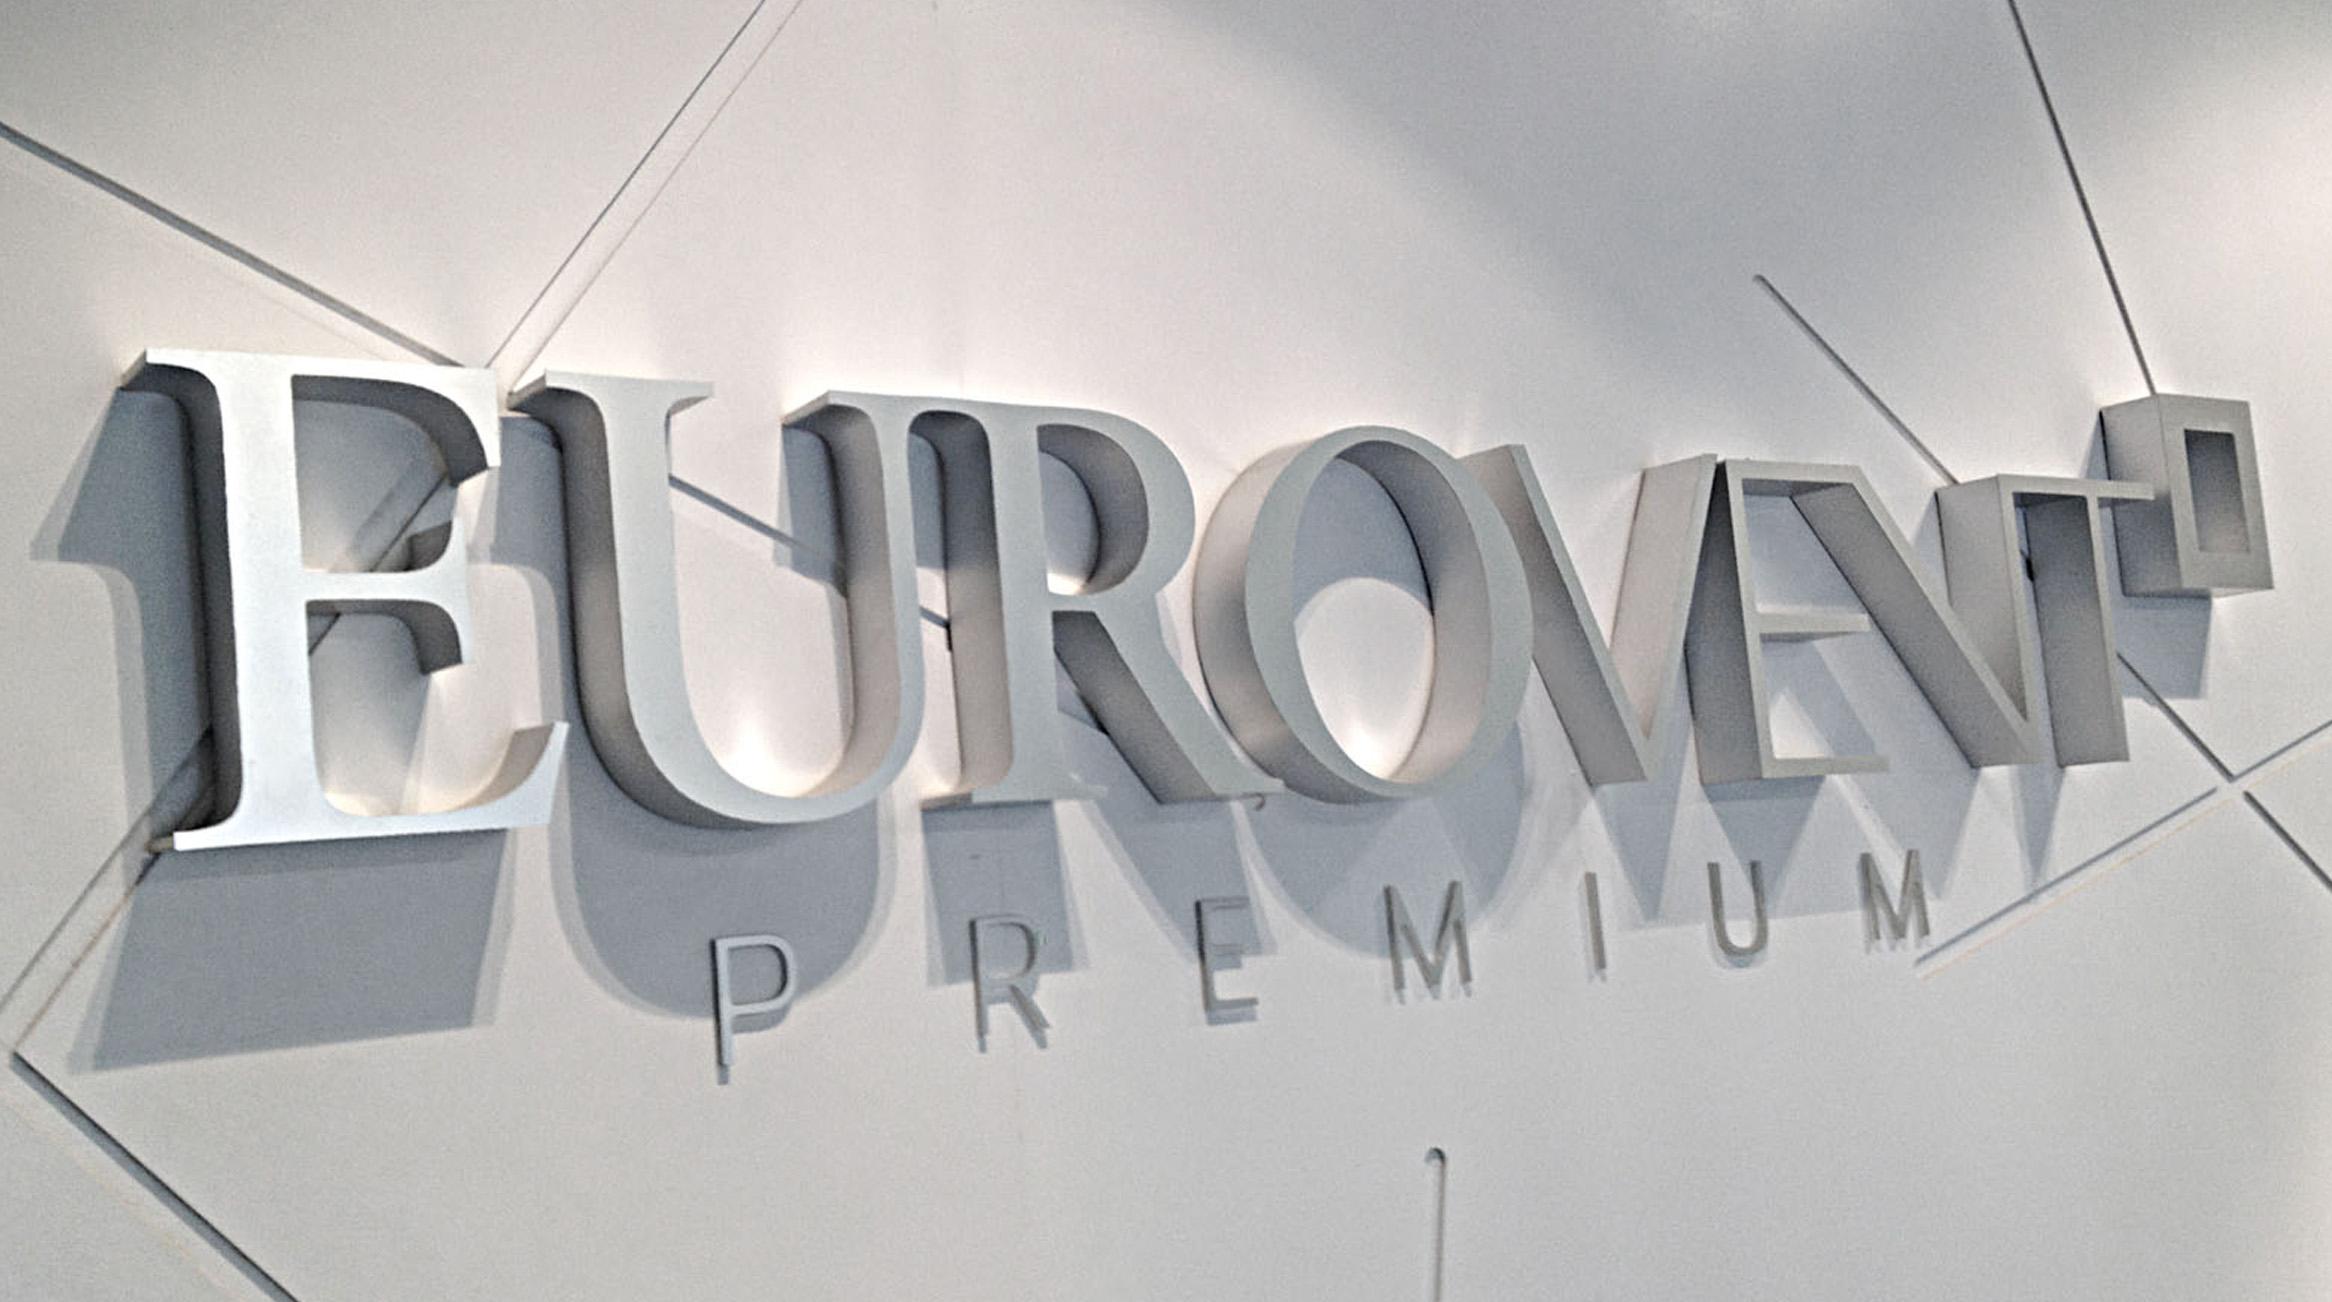 Eurovent13.jpg